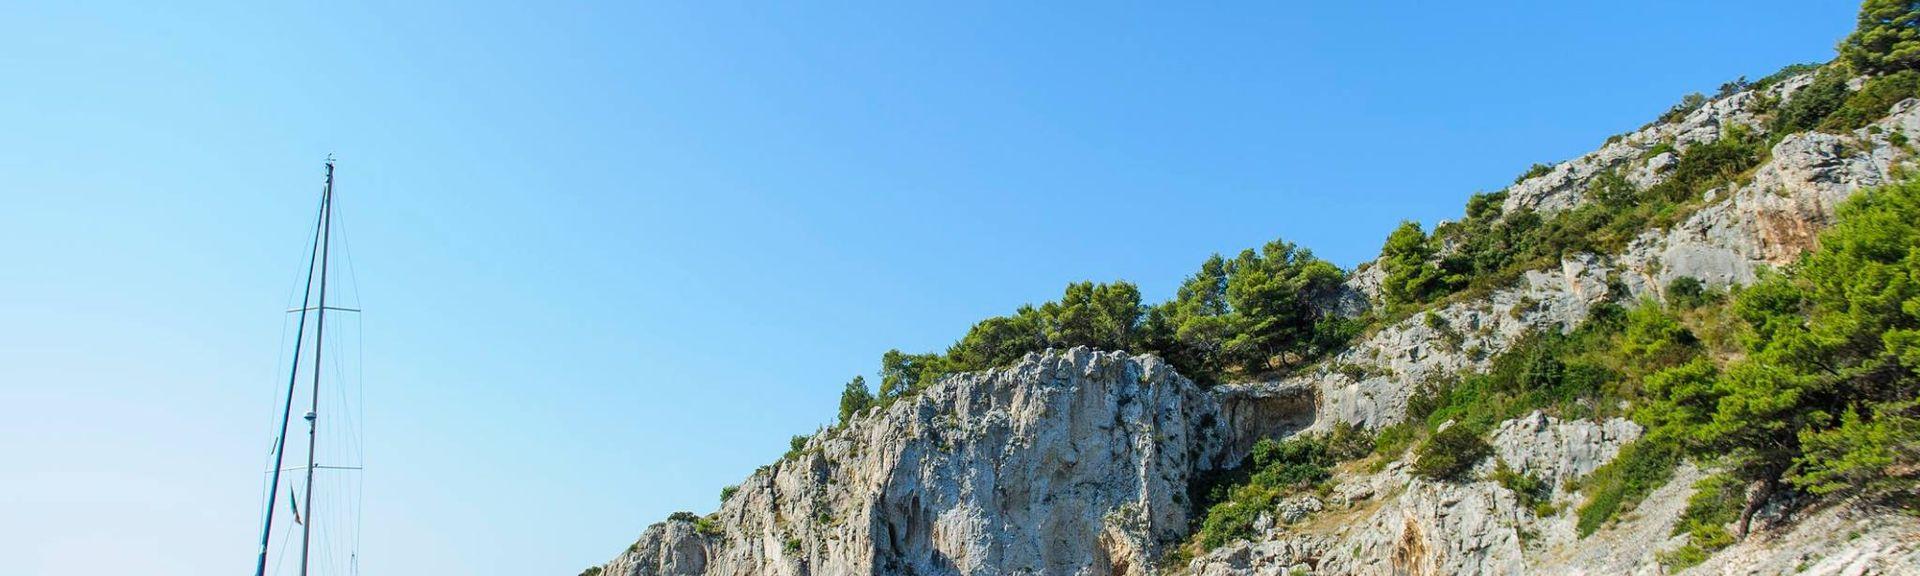 Poljica, Split-Dalmatia, HR